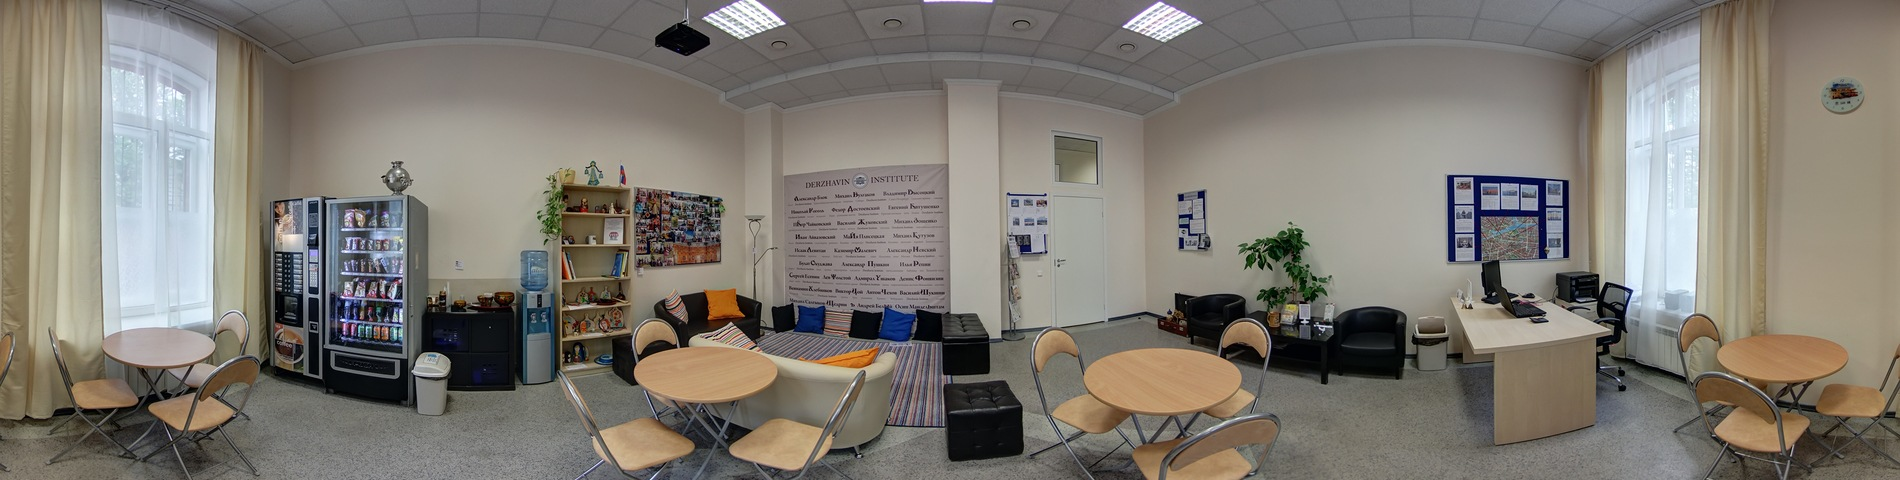 Derzhavin Institute صورة 1